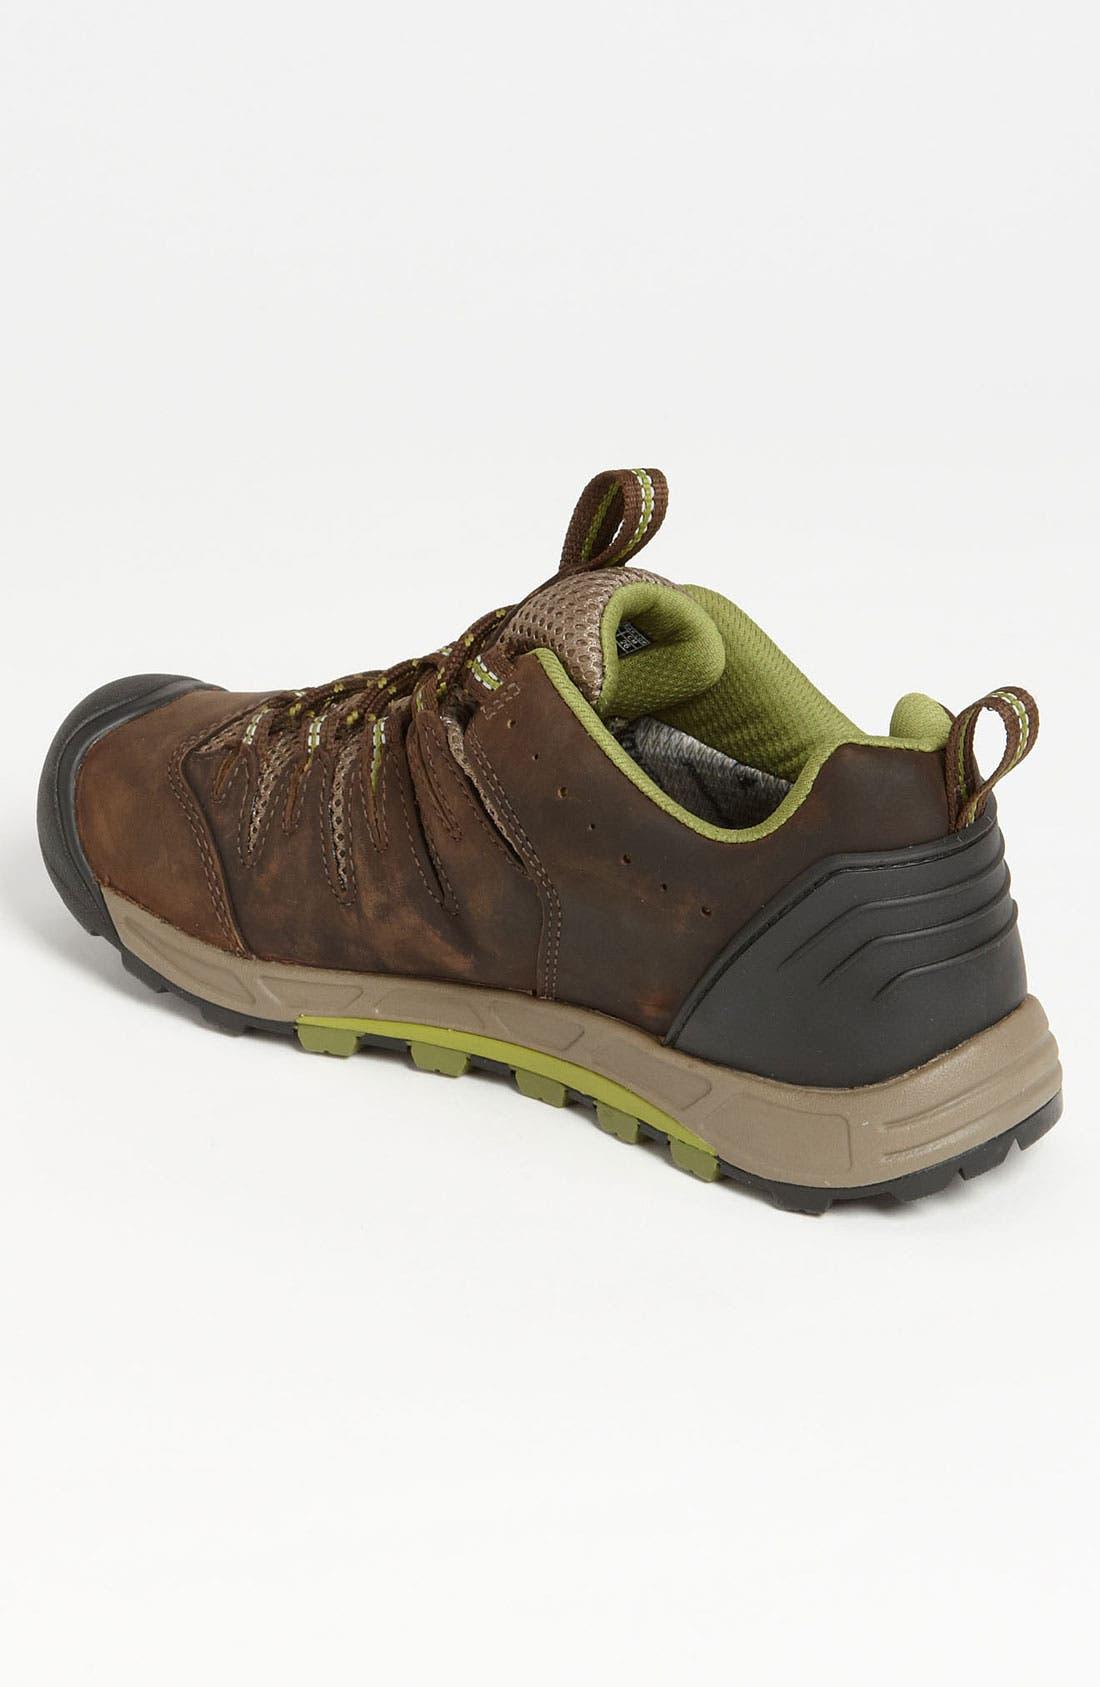 Alternate Image 2  - Keen 'Bryce' Hiking Shoe (Men)